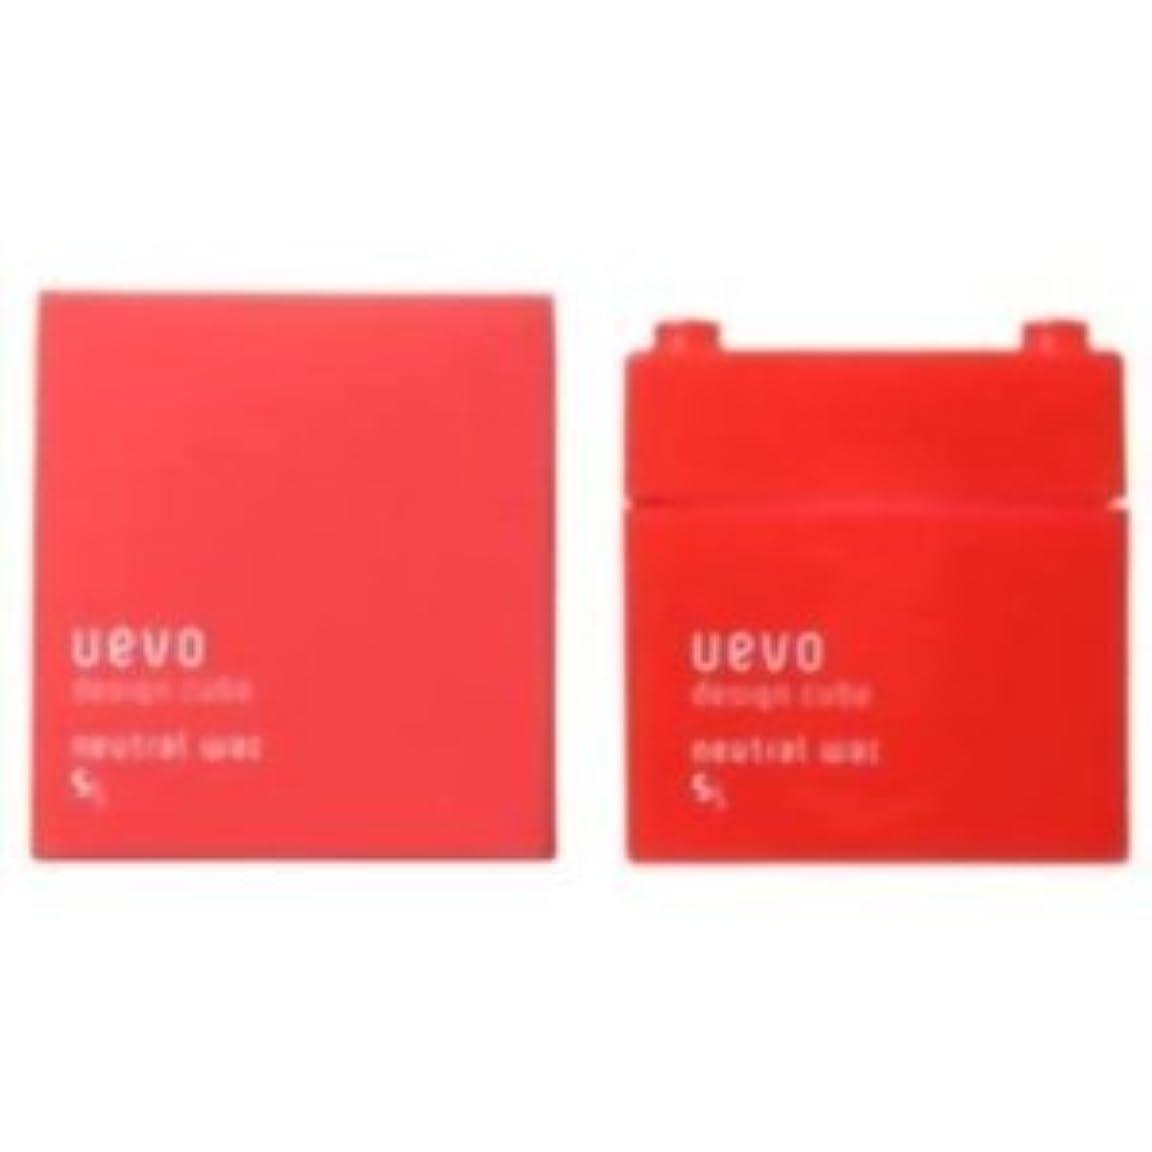 請求書遠征愛されし者【X2個セット】 デミ ウェーボ デザインキューブ ニュートラルワックス 80g neutral wax DEMI uevo design cube